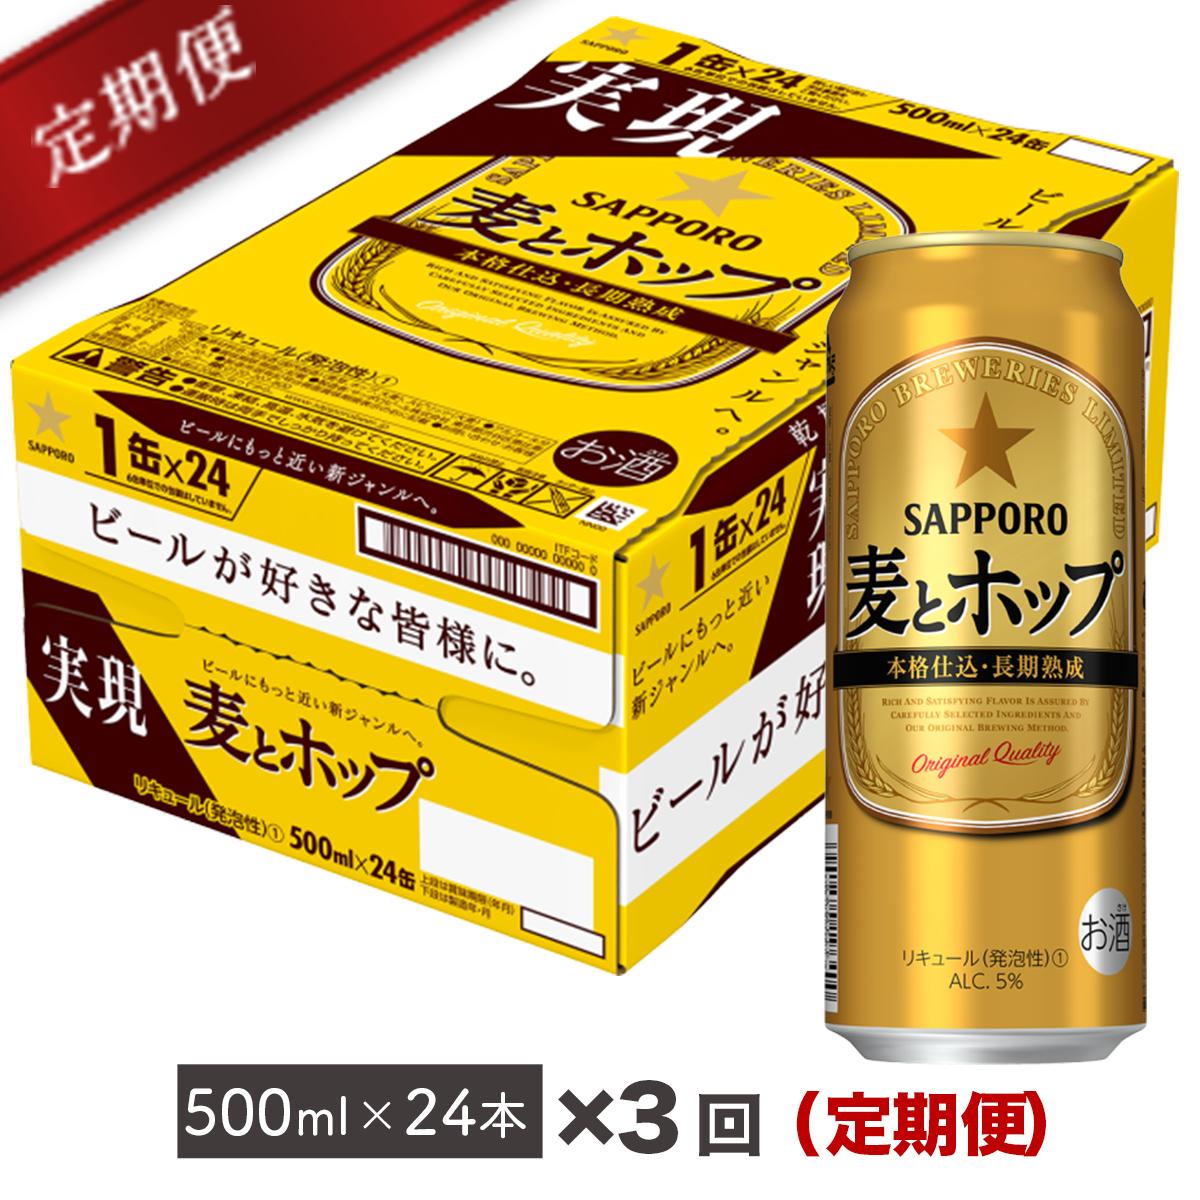 【ふるさと納税】【毎月届く定期便】地元名取生産 麦とホップ 500ml 24缶を3回お届け